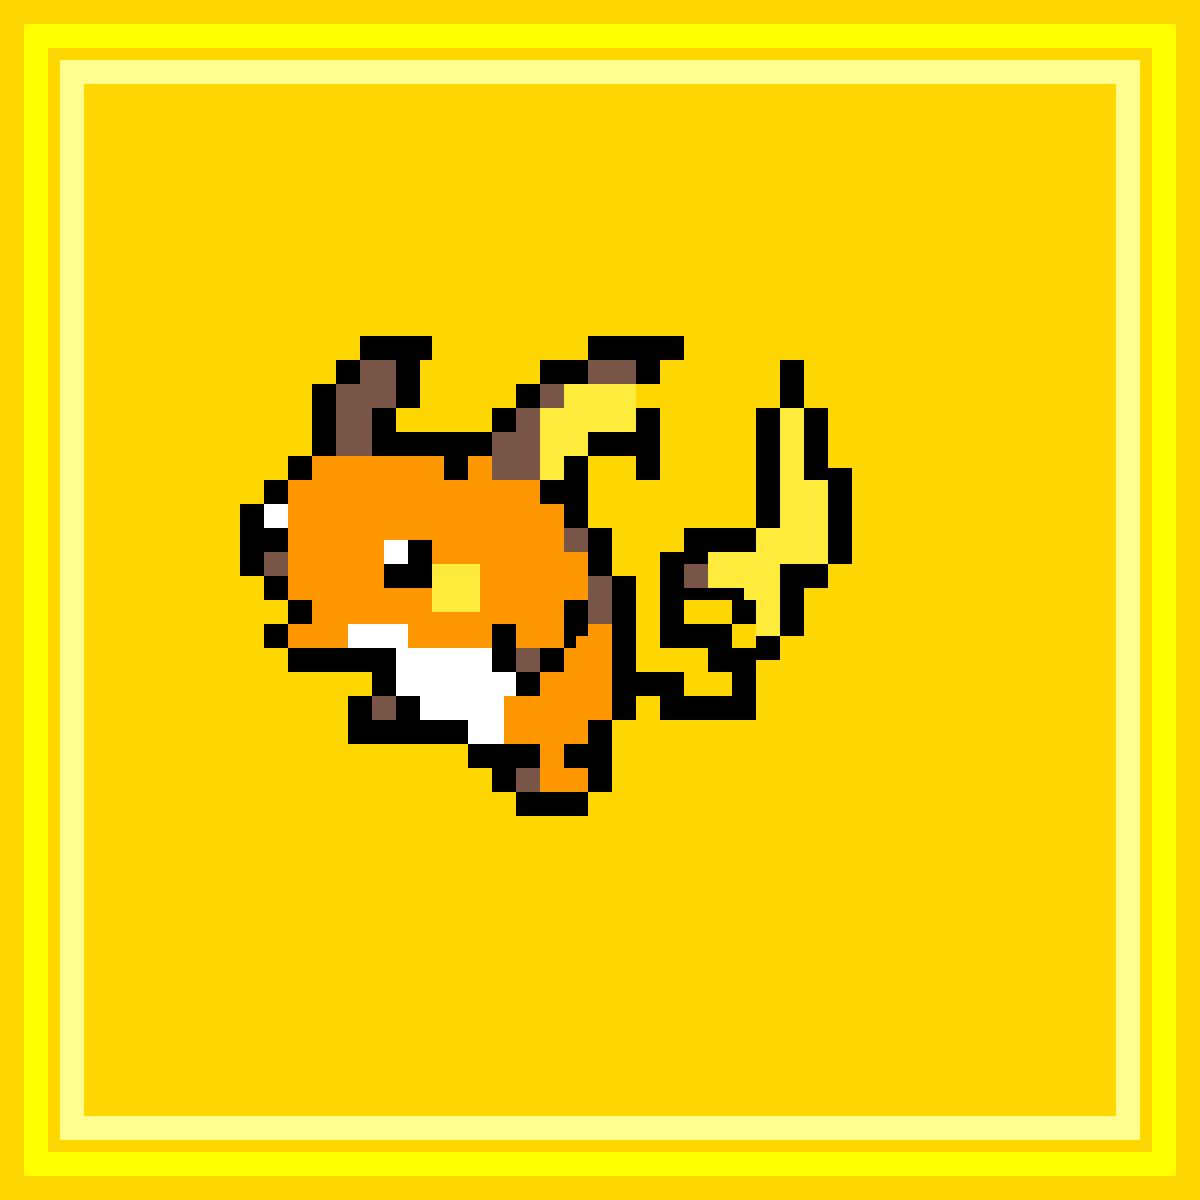 Pixilart Pokémon Pixel Art Raichu By Anonymous